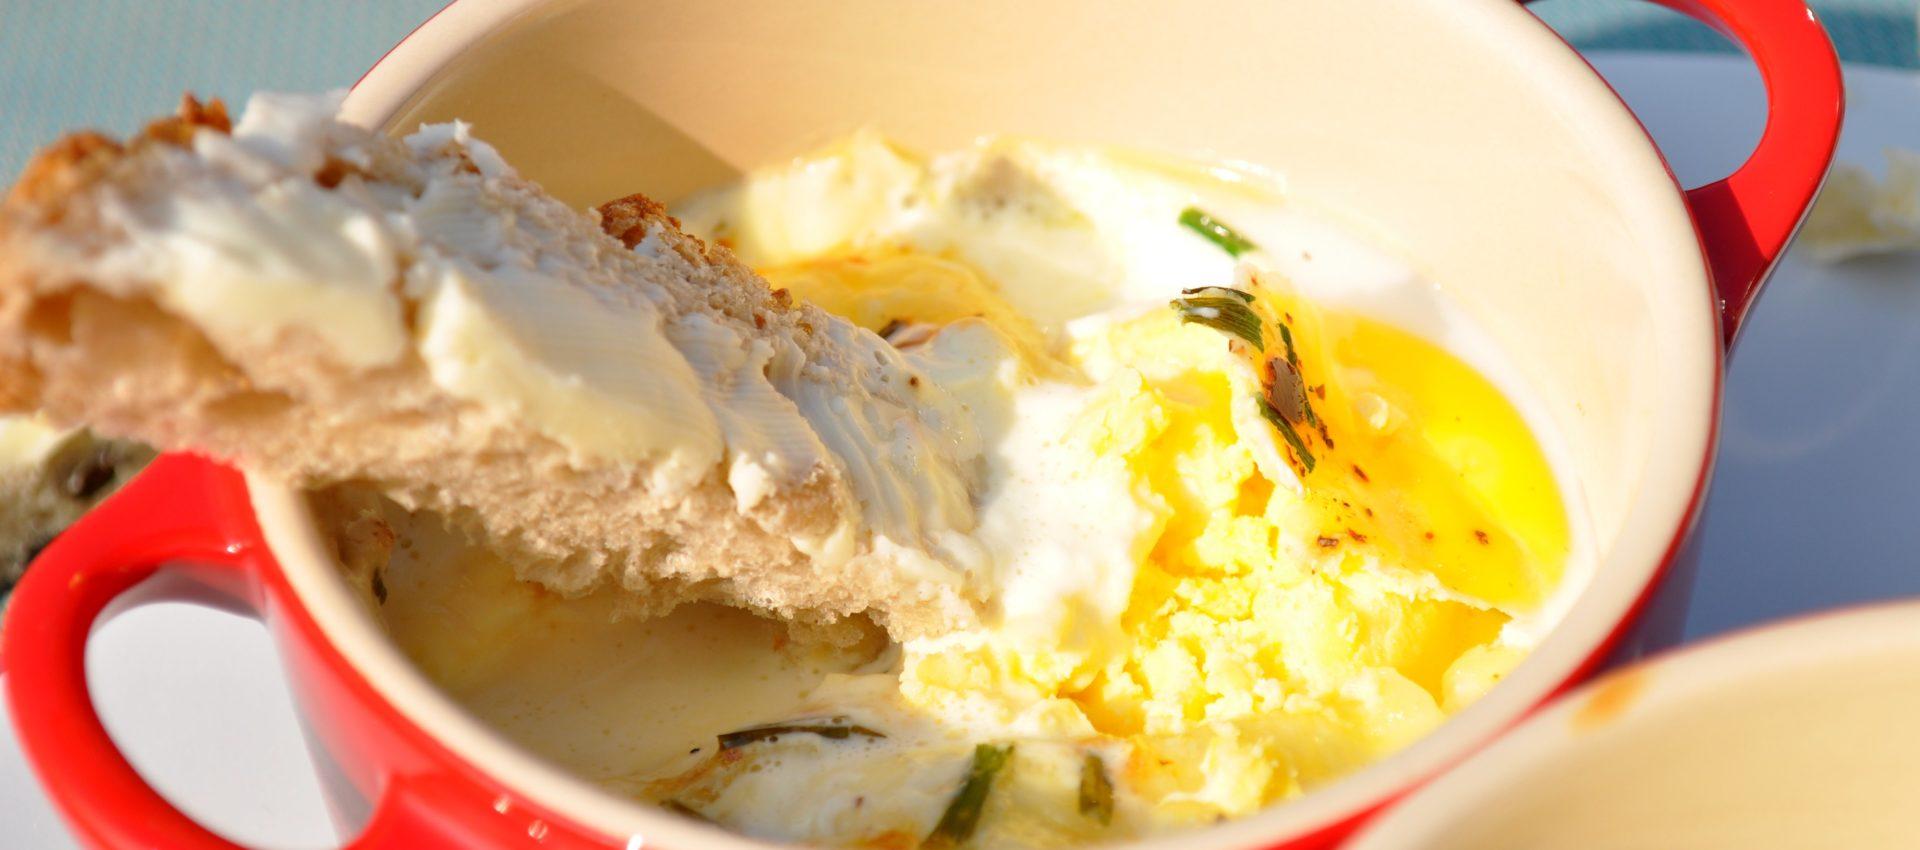 oeufs cocotte crème camembert au cookeo